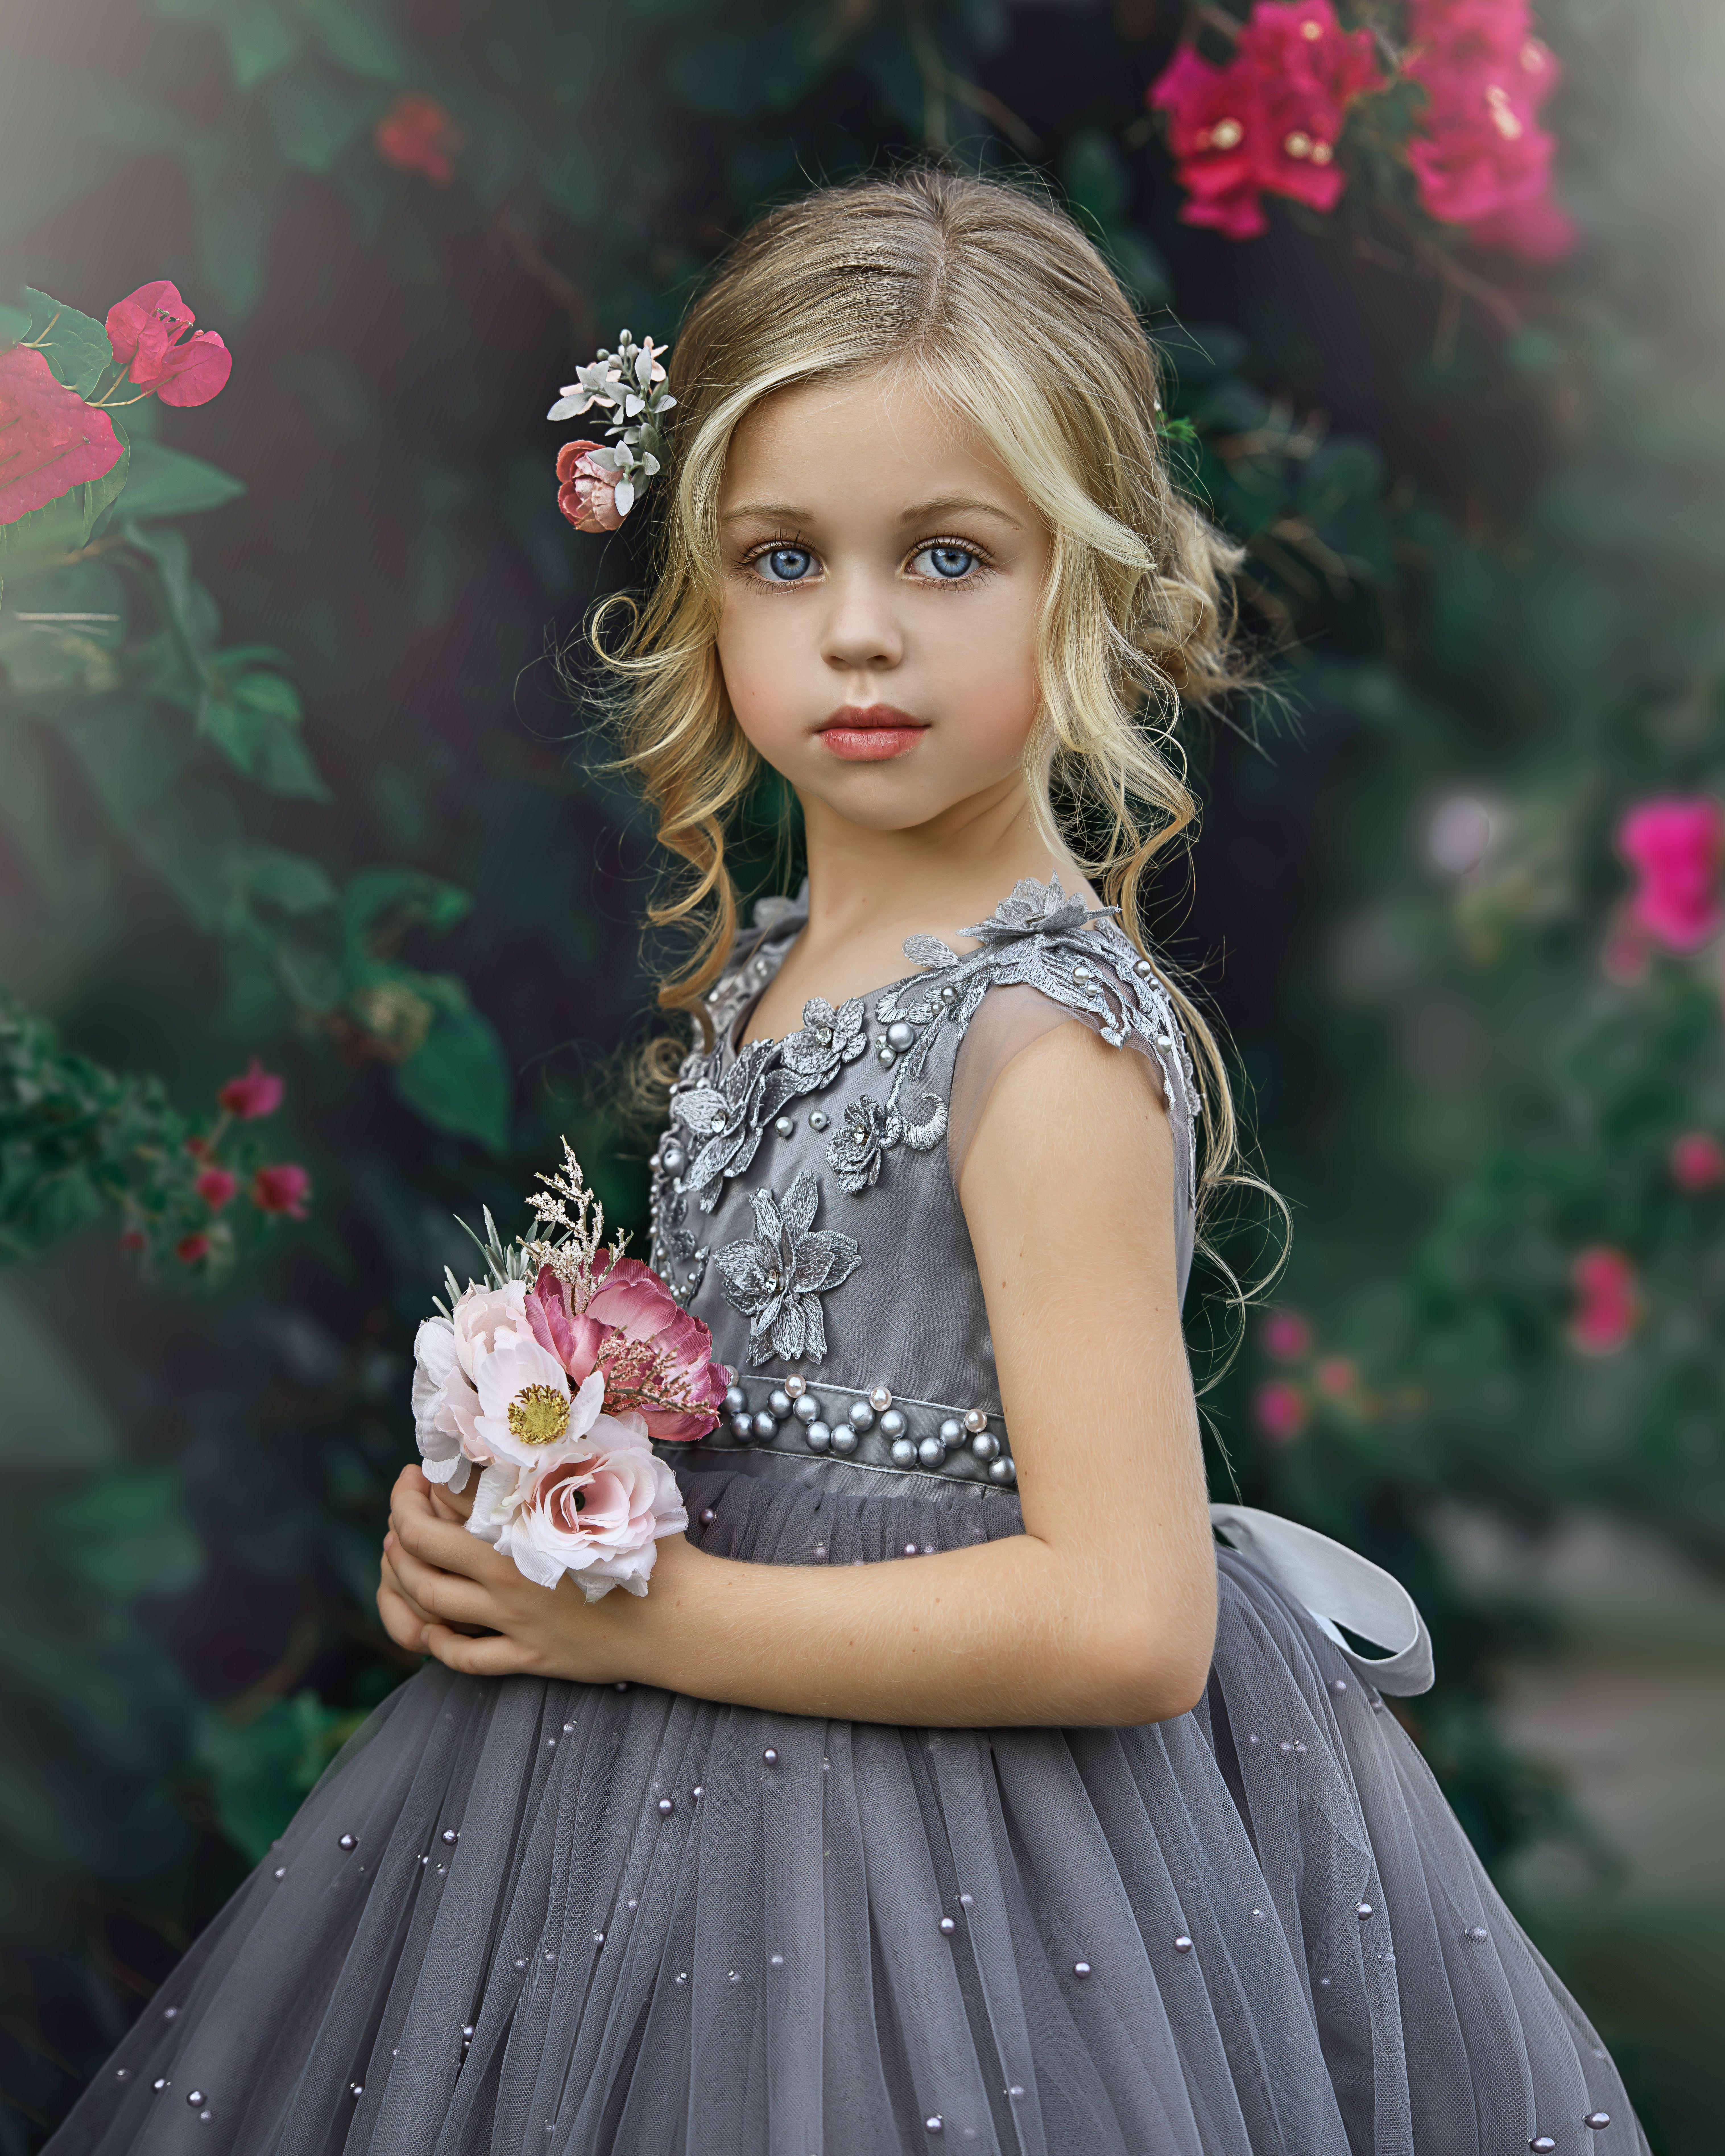 Девушка модель плана работы воспитателя требуются фотомодели харьков